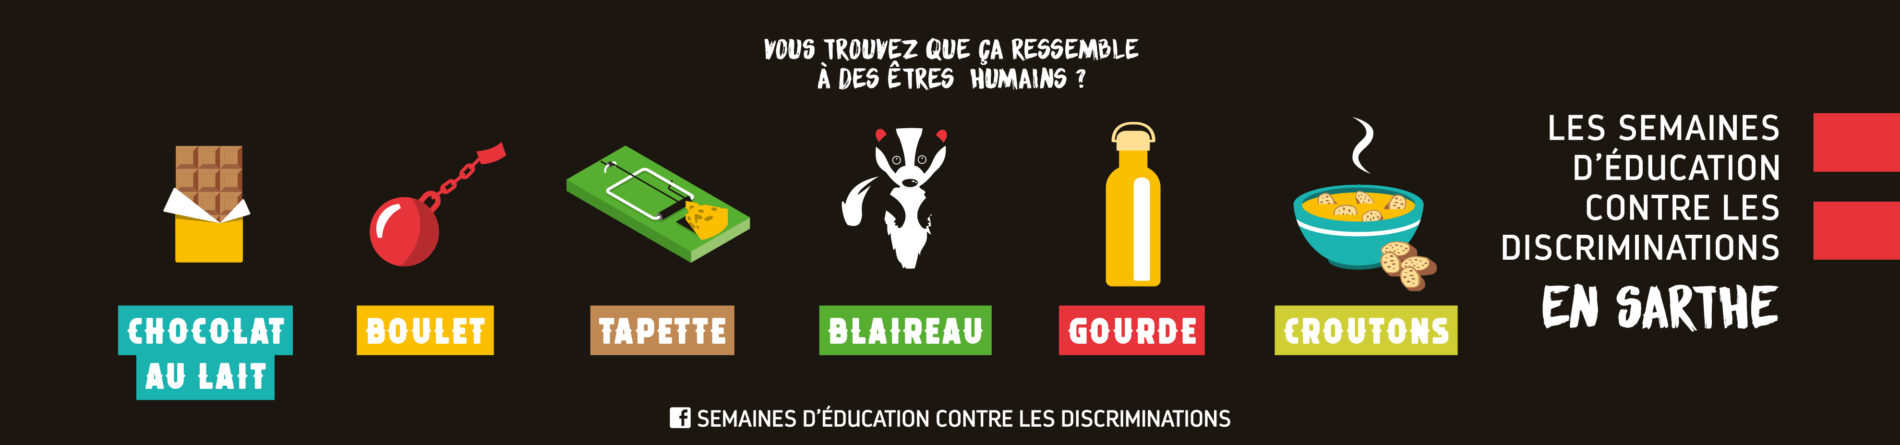 Semaines d'éducation contre les discriminations 2020